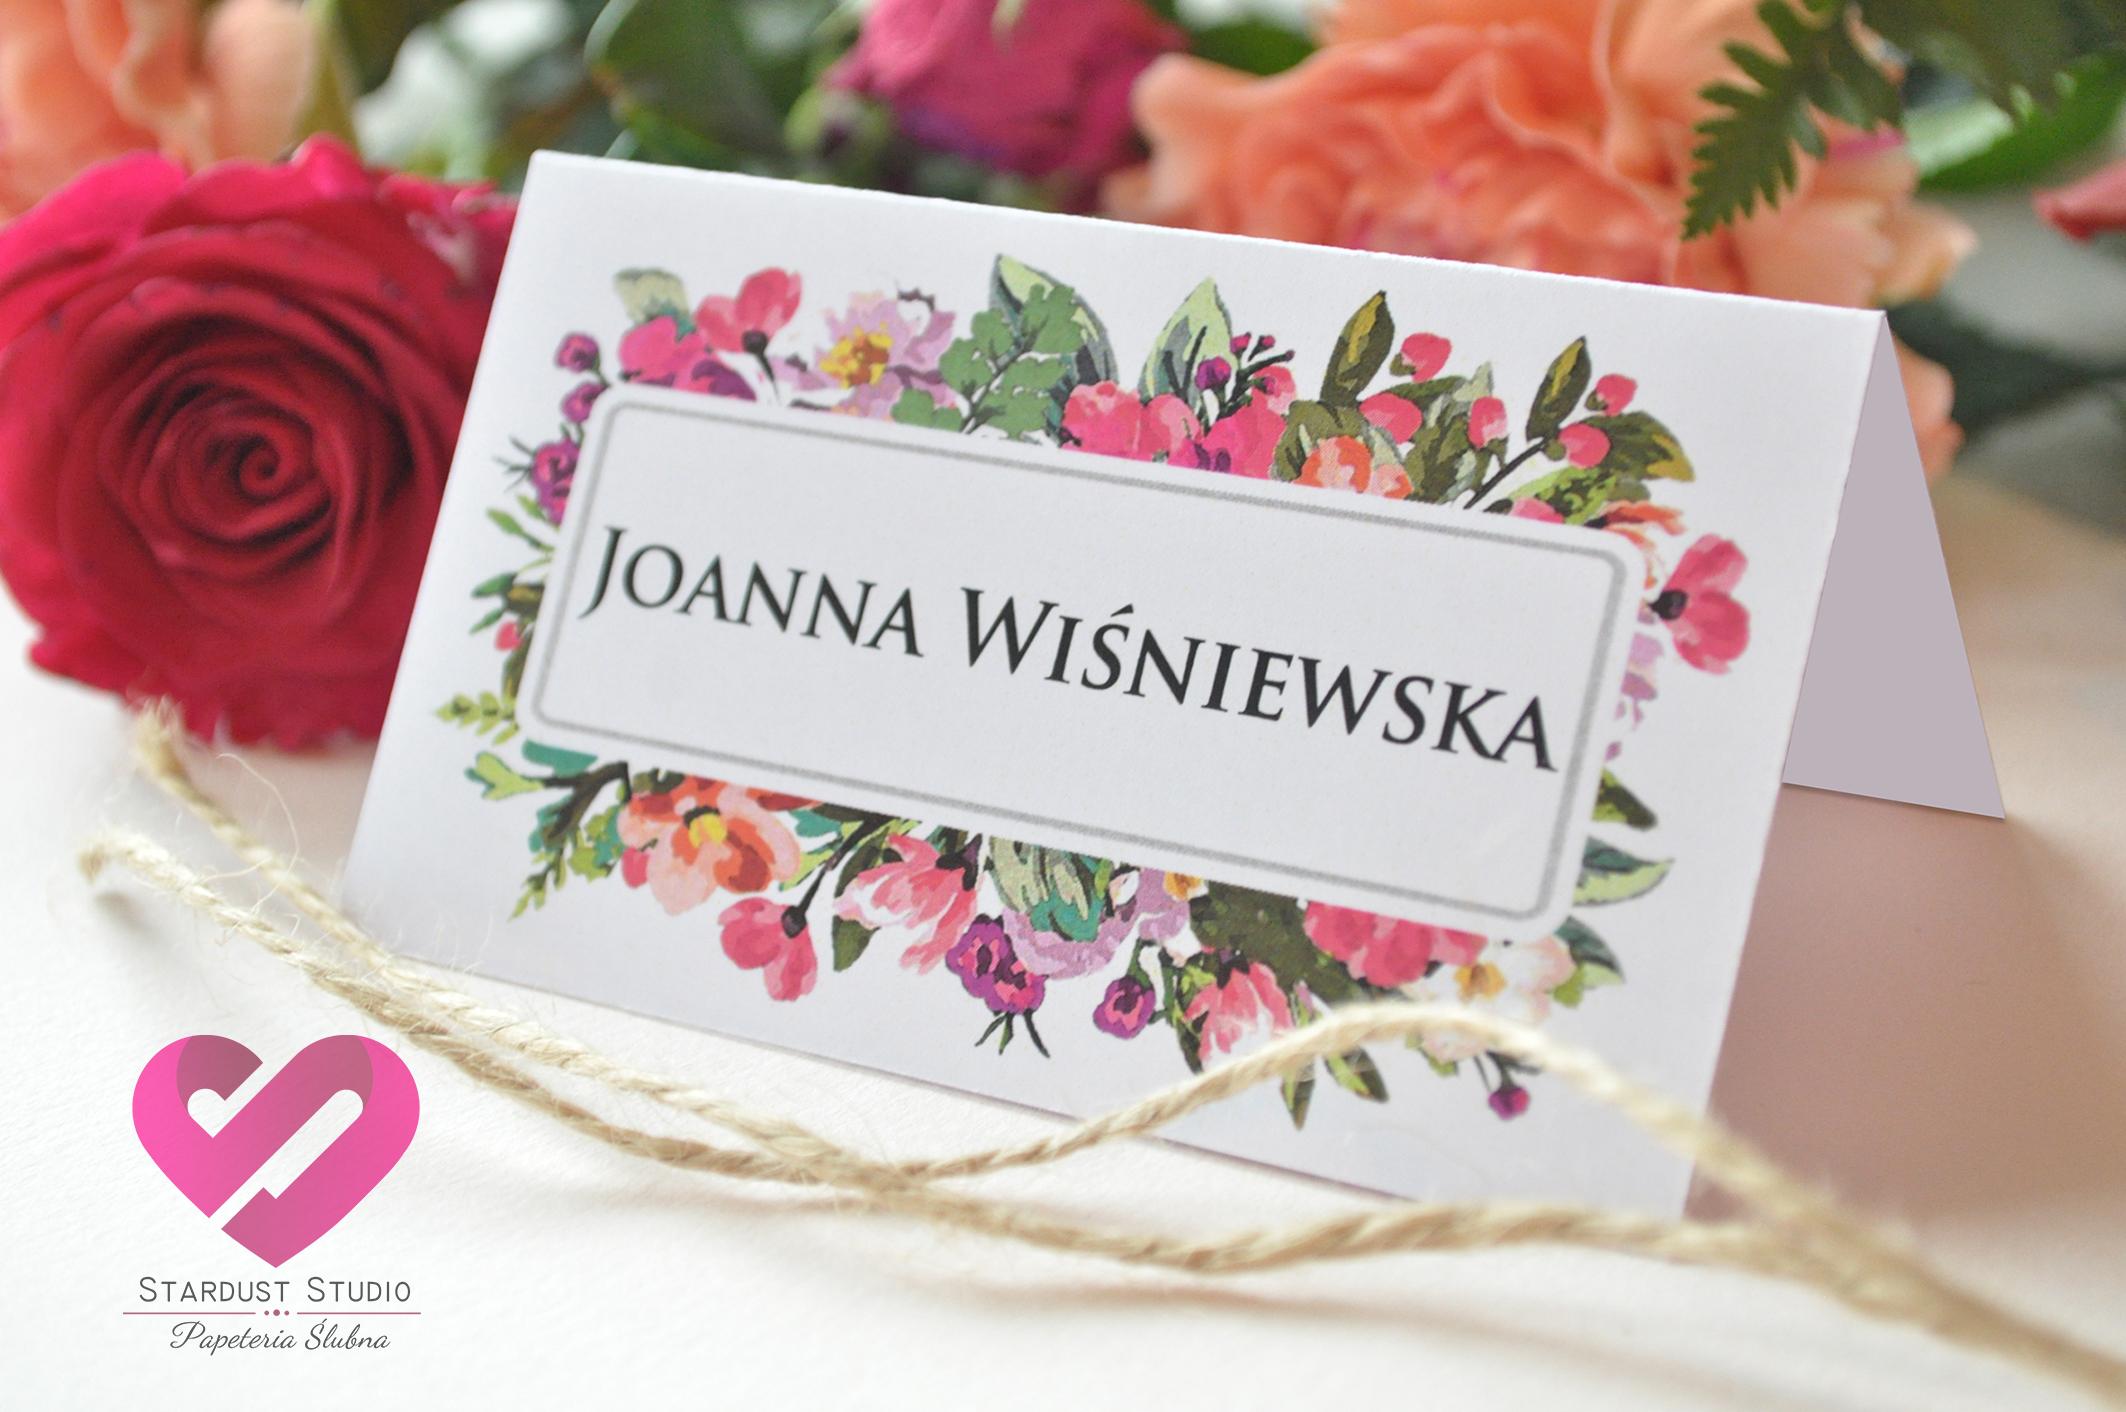 Pastelowe, odważne winietki ślubne z motywem kwiatów, w stylu boho. Pasujące do zaproszeń ślubnych